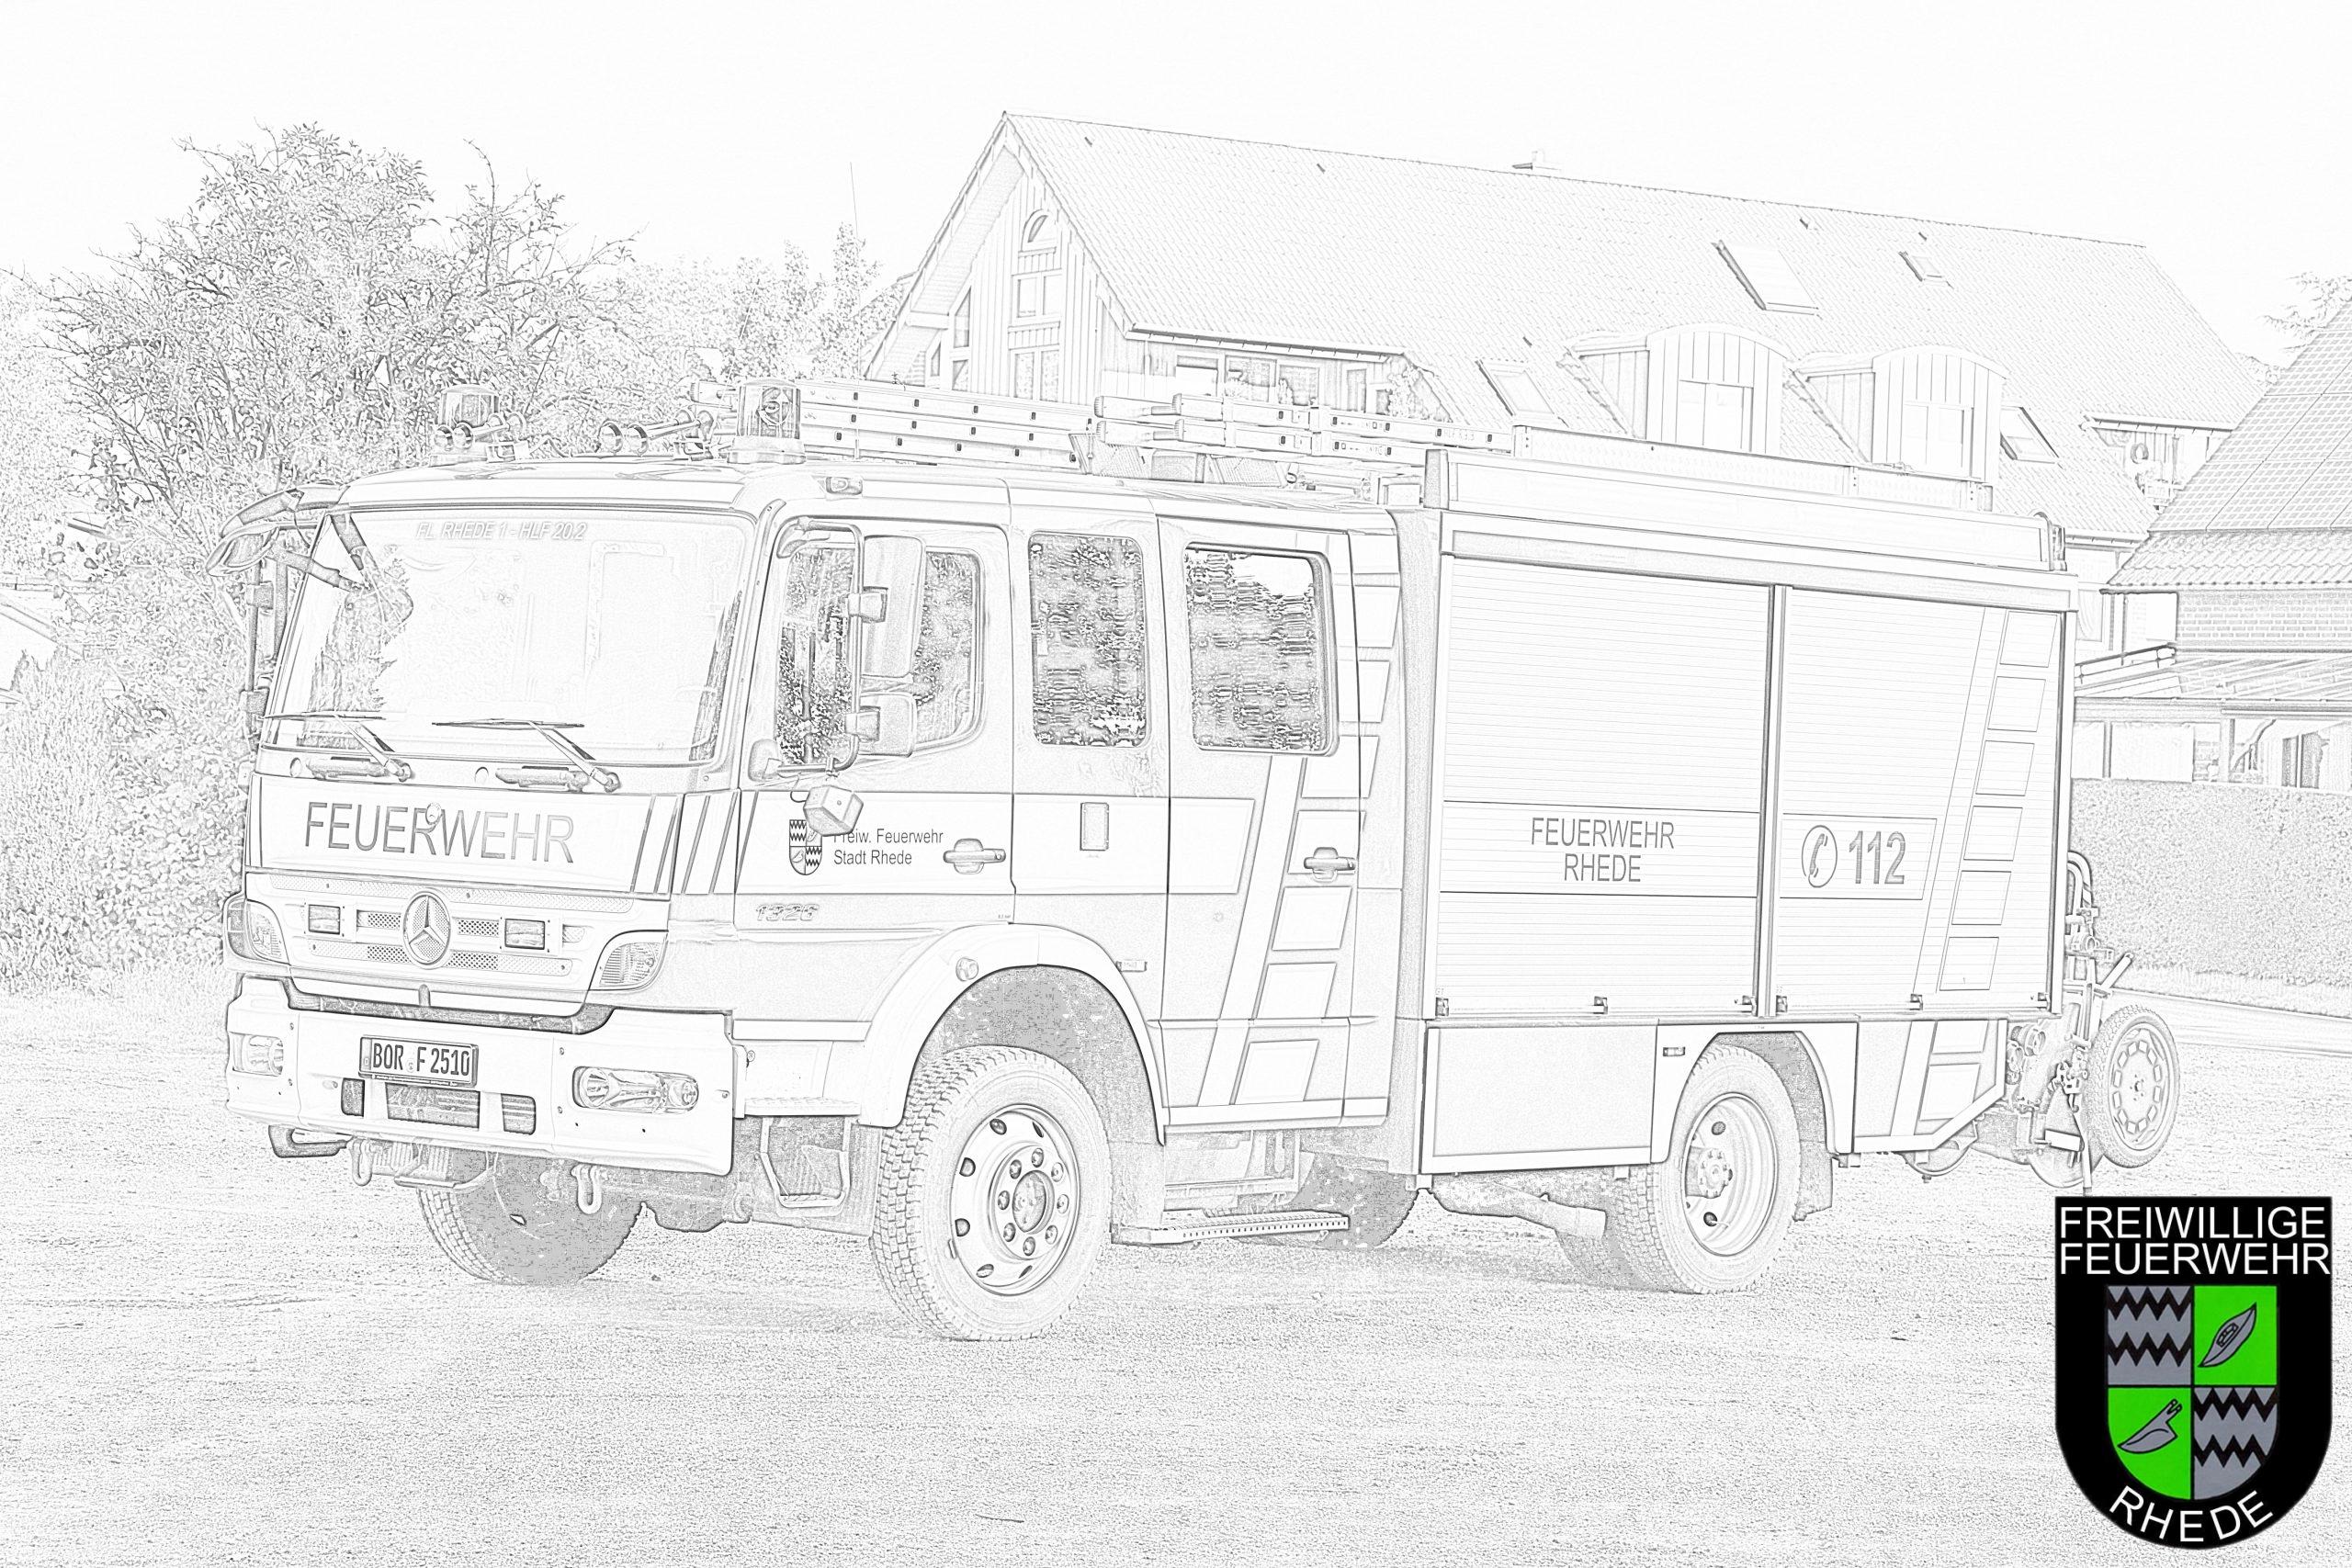 Ausmalbilder Und Bastelvorlagen | Feuerwehr Rhede über Ausmalbild Feuerwehr